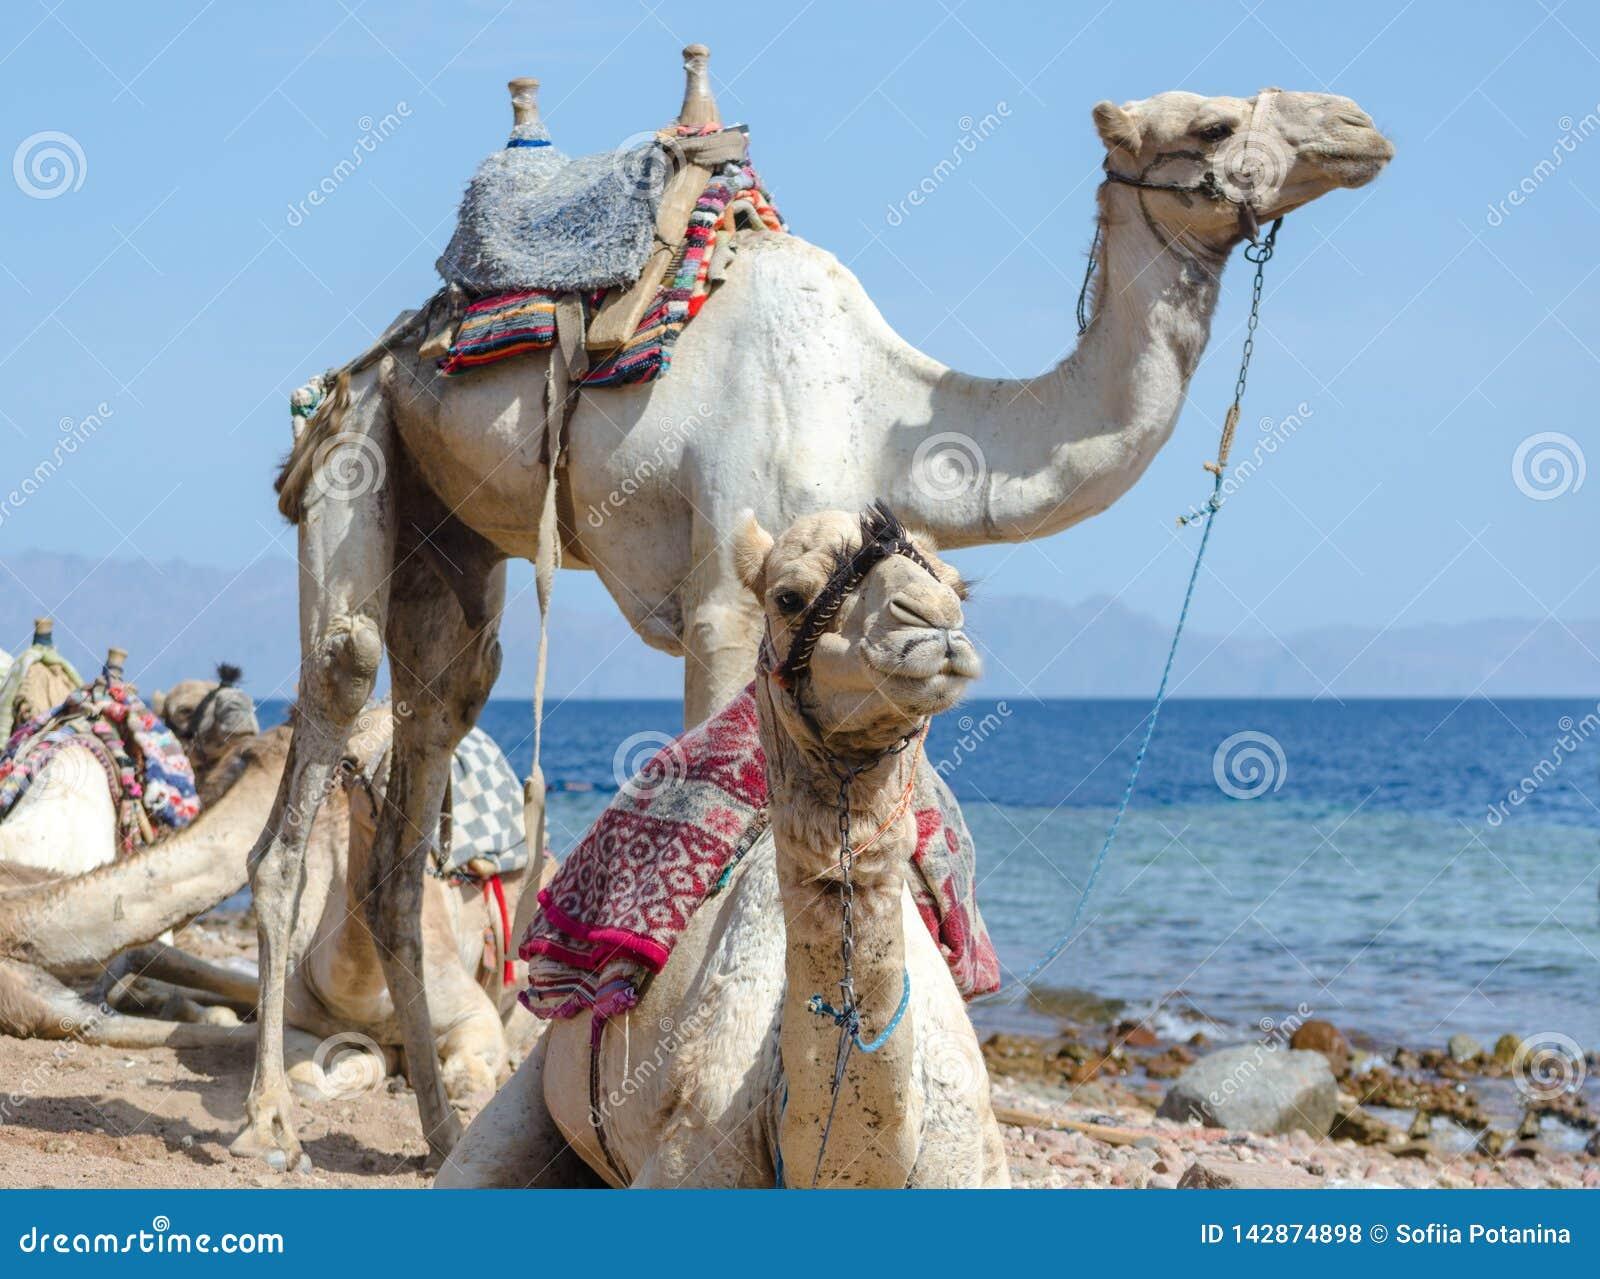 Retrato de dos camellos en la costa del mar en Egipto Dahab Sinaí del sur